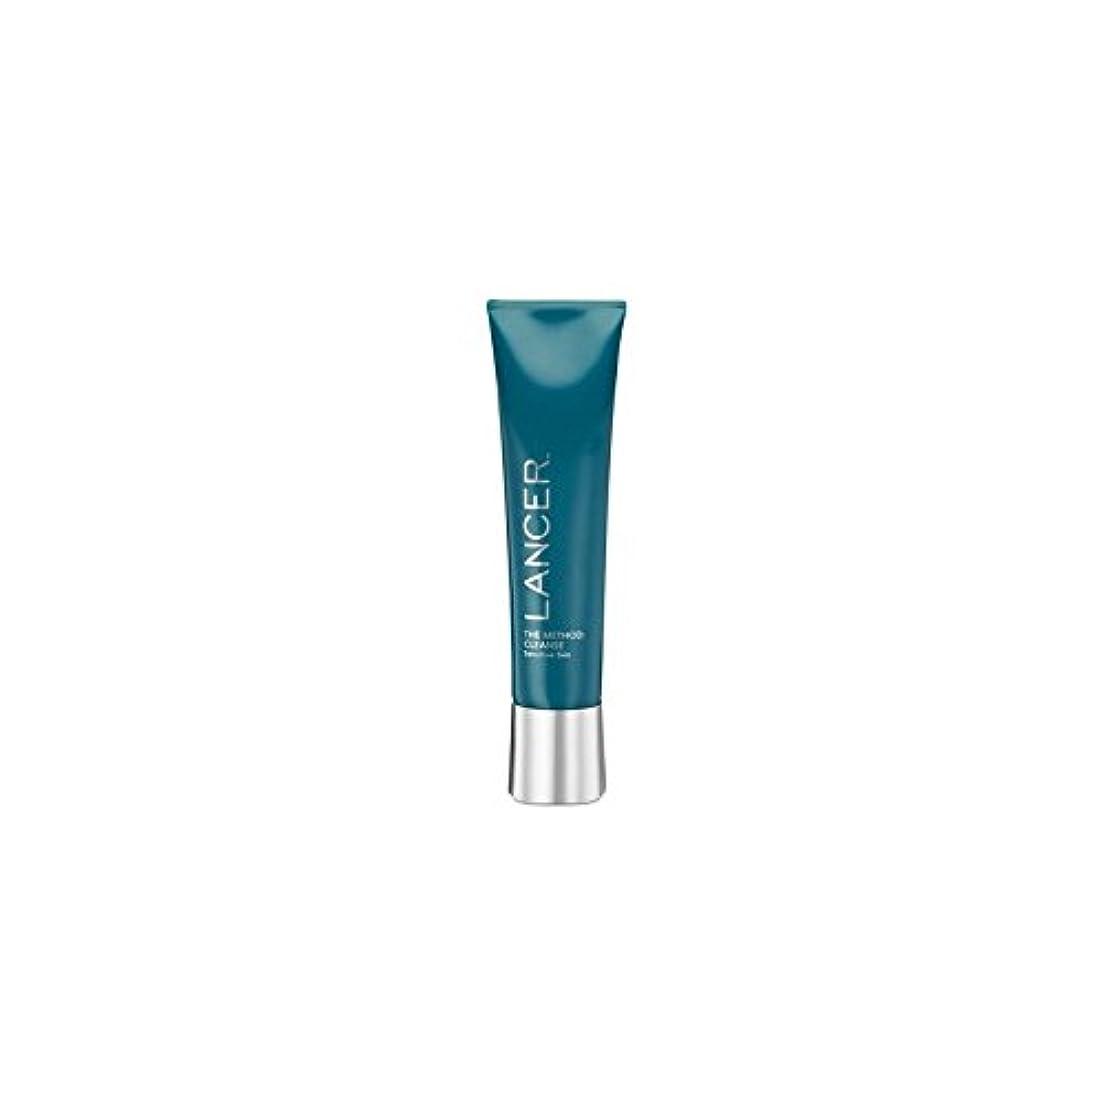 プール悪党開発Lancer Skincare The Method: Cleanser Sensitive Skin (120ml) (Pack of 6) - クレンザー敏感肌(120ミリリットル):ランサーは、メソッドをスキンケア...